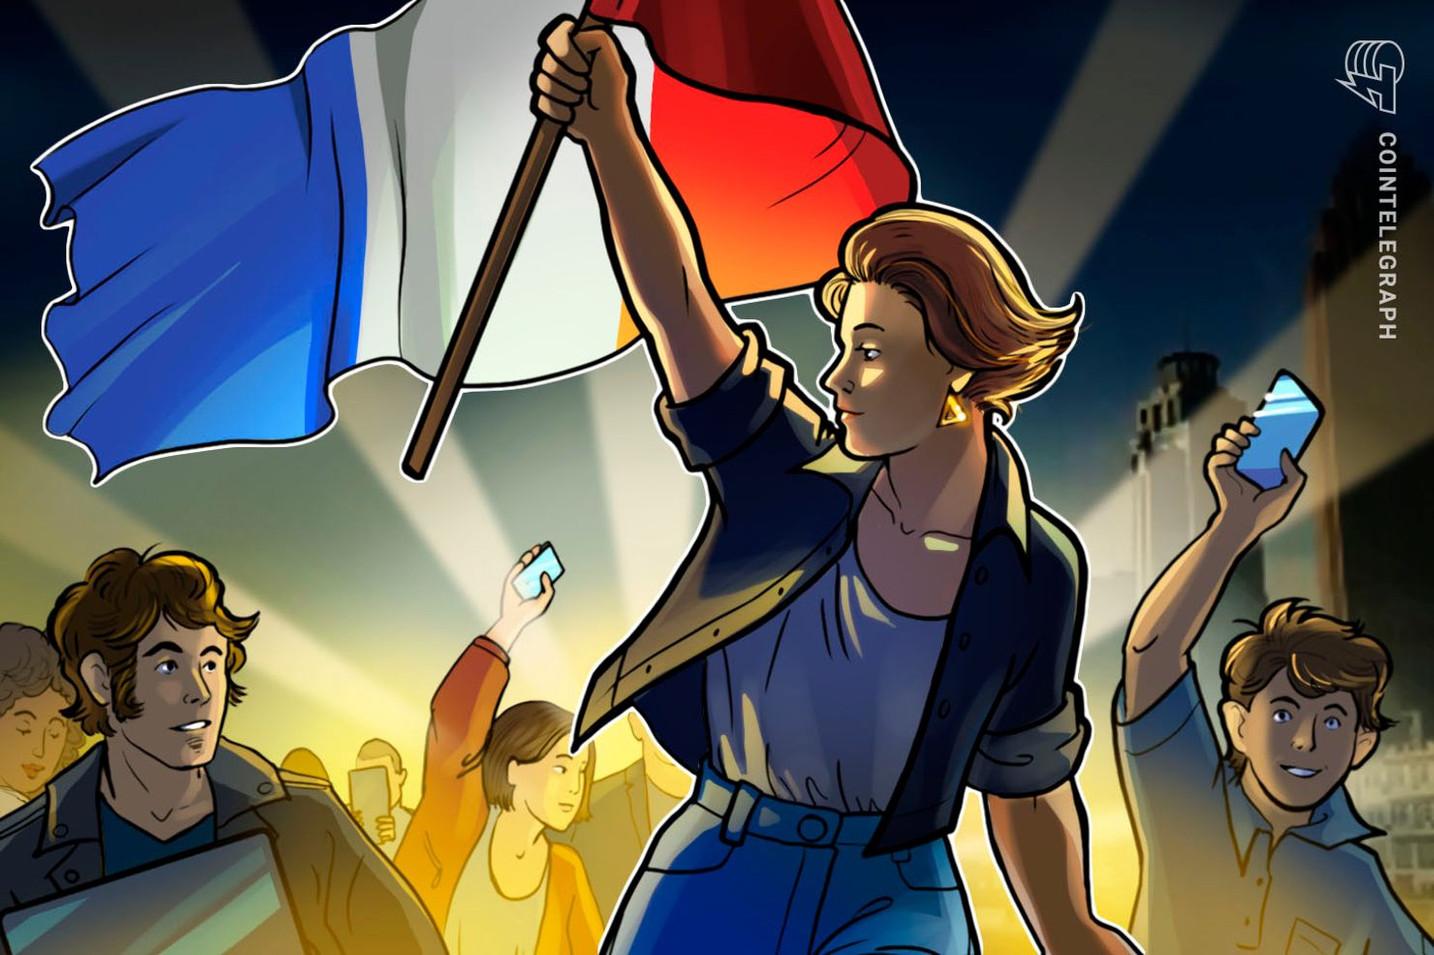 週末ビットコインの上げ材料? パリ暴動、銀行の取り付け騒ぎを計画